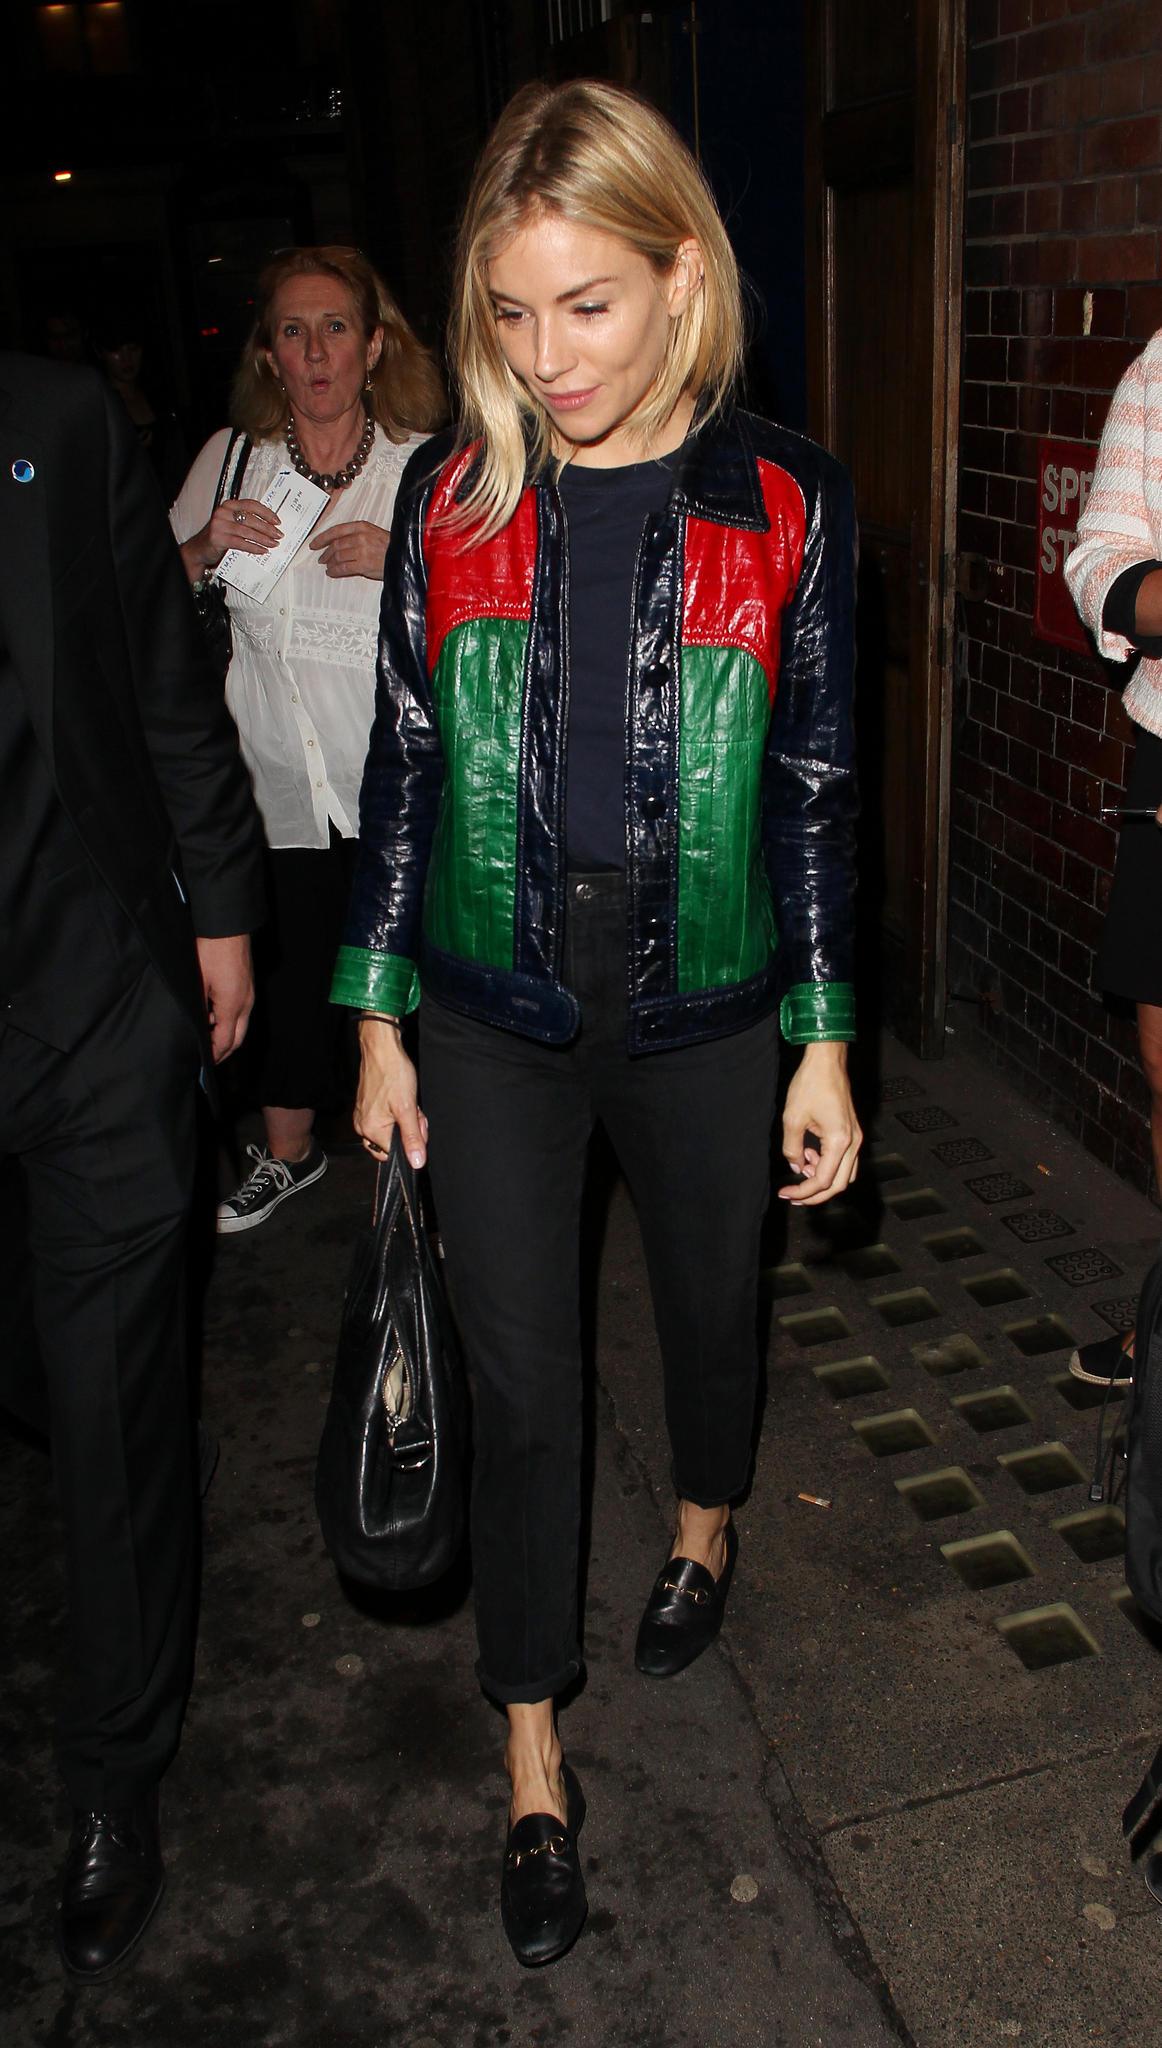 Sienna Miller trägt zu ihrer Gucci-Lederjacke die passenden Loafer und eine schmale Jeans